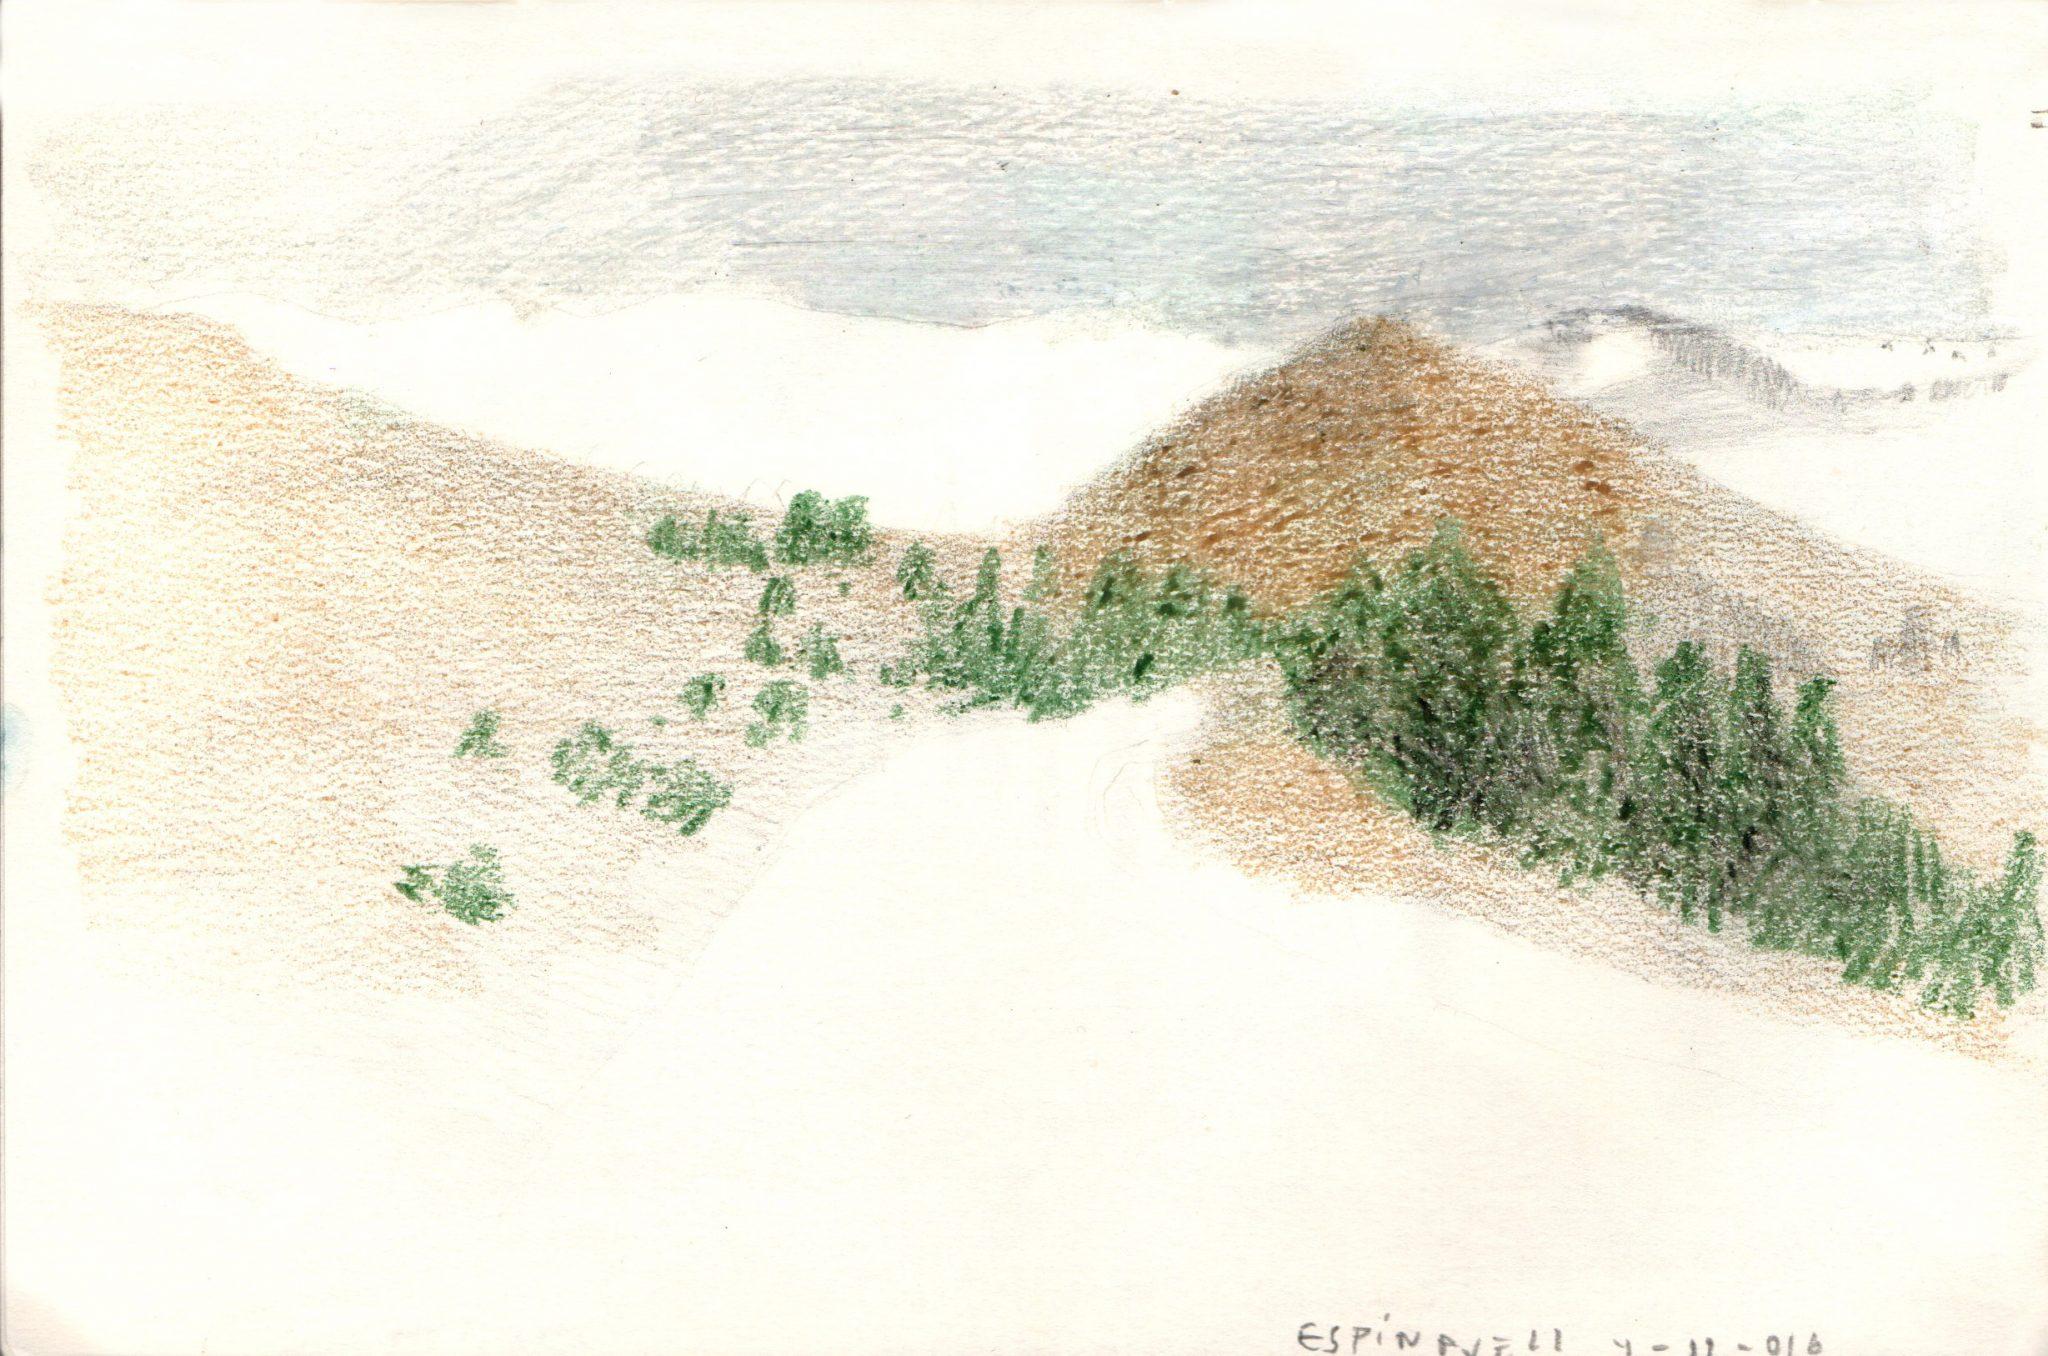 espinavell-ceras-alejandra-caballero-dibujo-montañas-paisaje